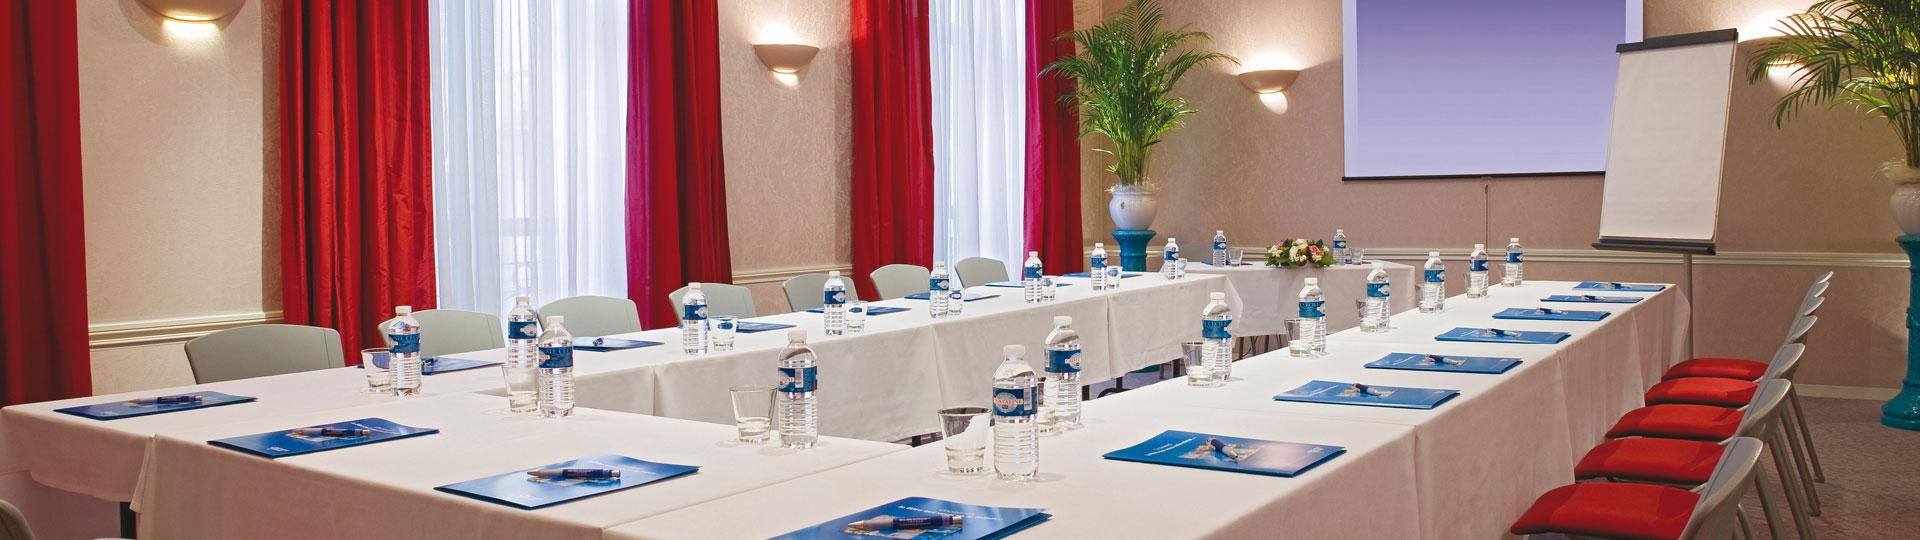 Séminaire réception - Hôtel Royal Westminster